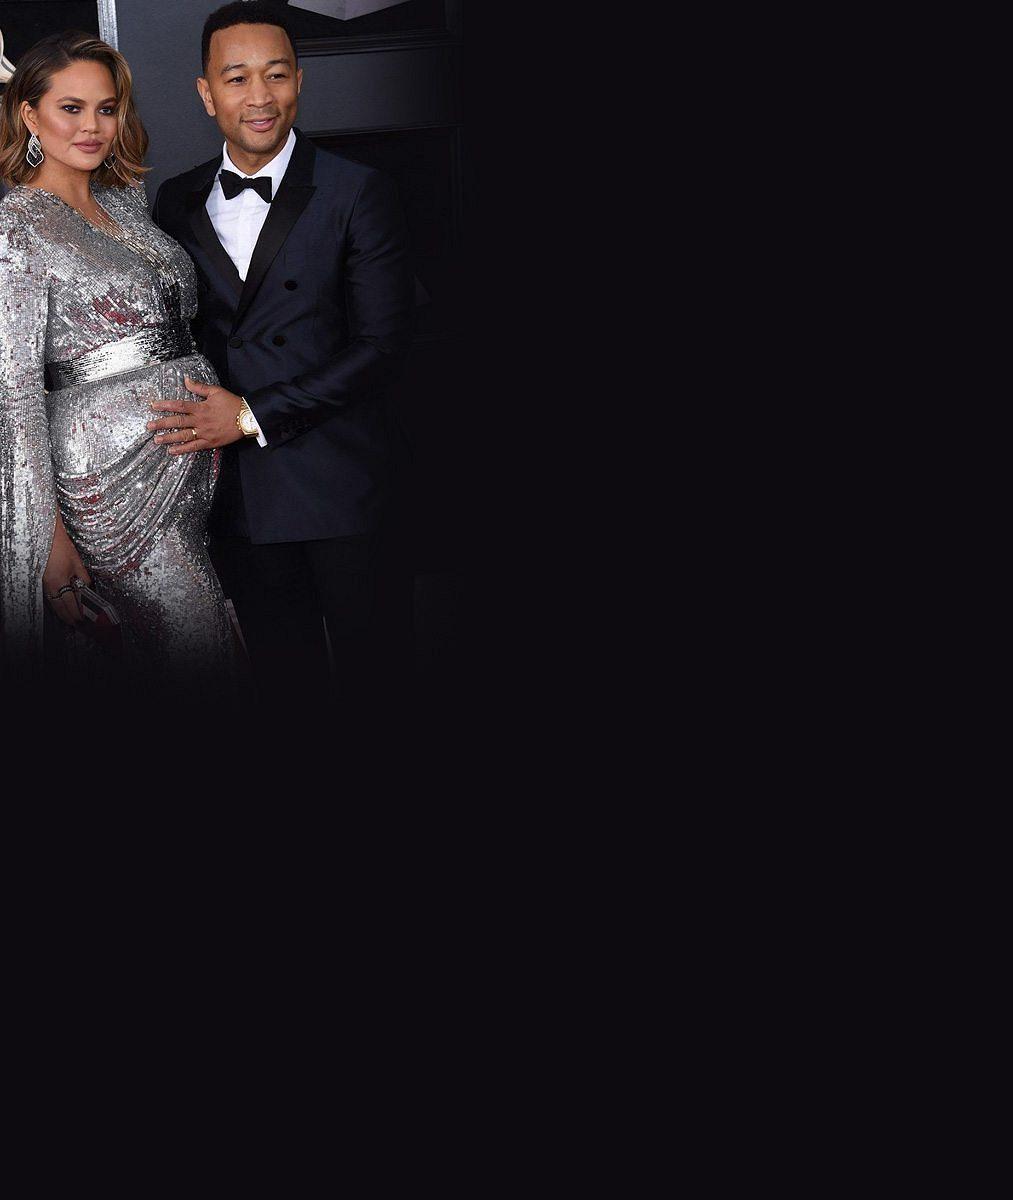 Bude to kluk! Známý zpěvák vzal na galavečer těhotnou manželku, která patří knejúspěšnějším modelkám